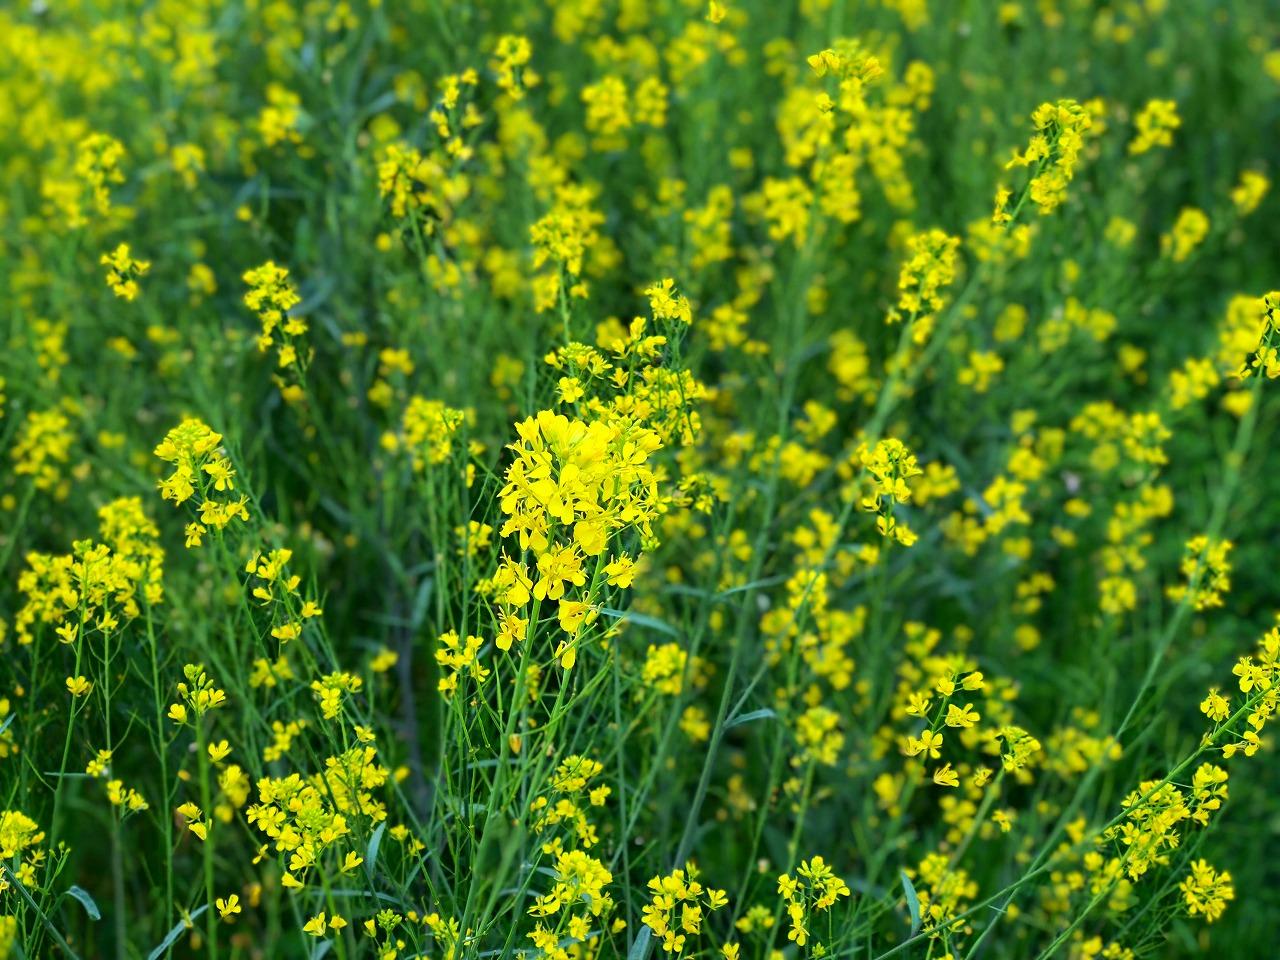 白川の河原の菜の花がまだきれいです!